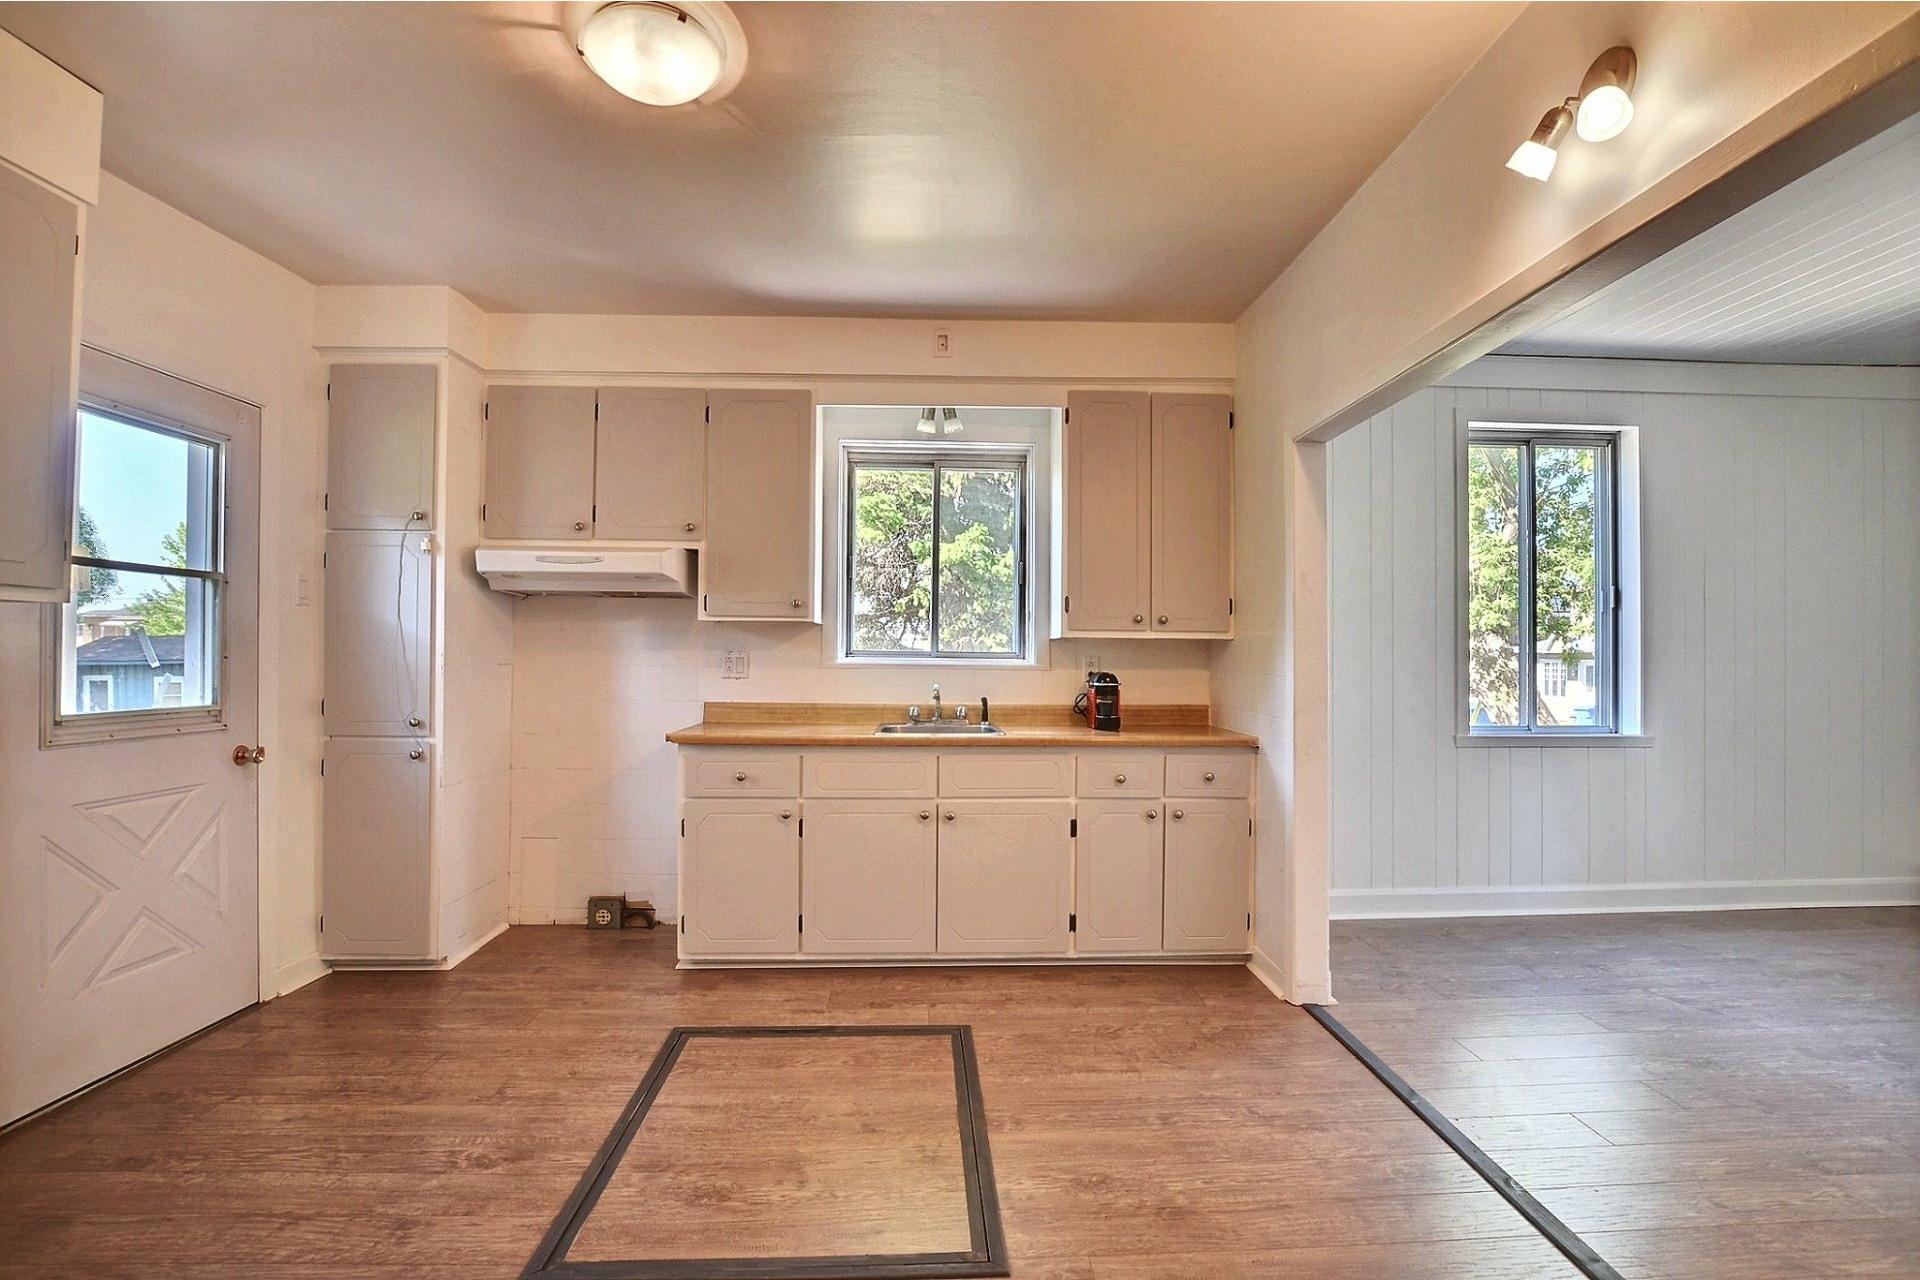 image 5 - Duplex For sale Sainte-Anne-des-Plaines - 4 rooms